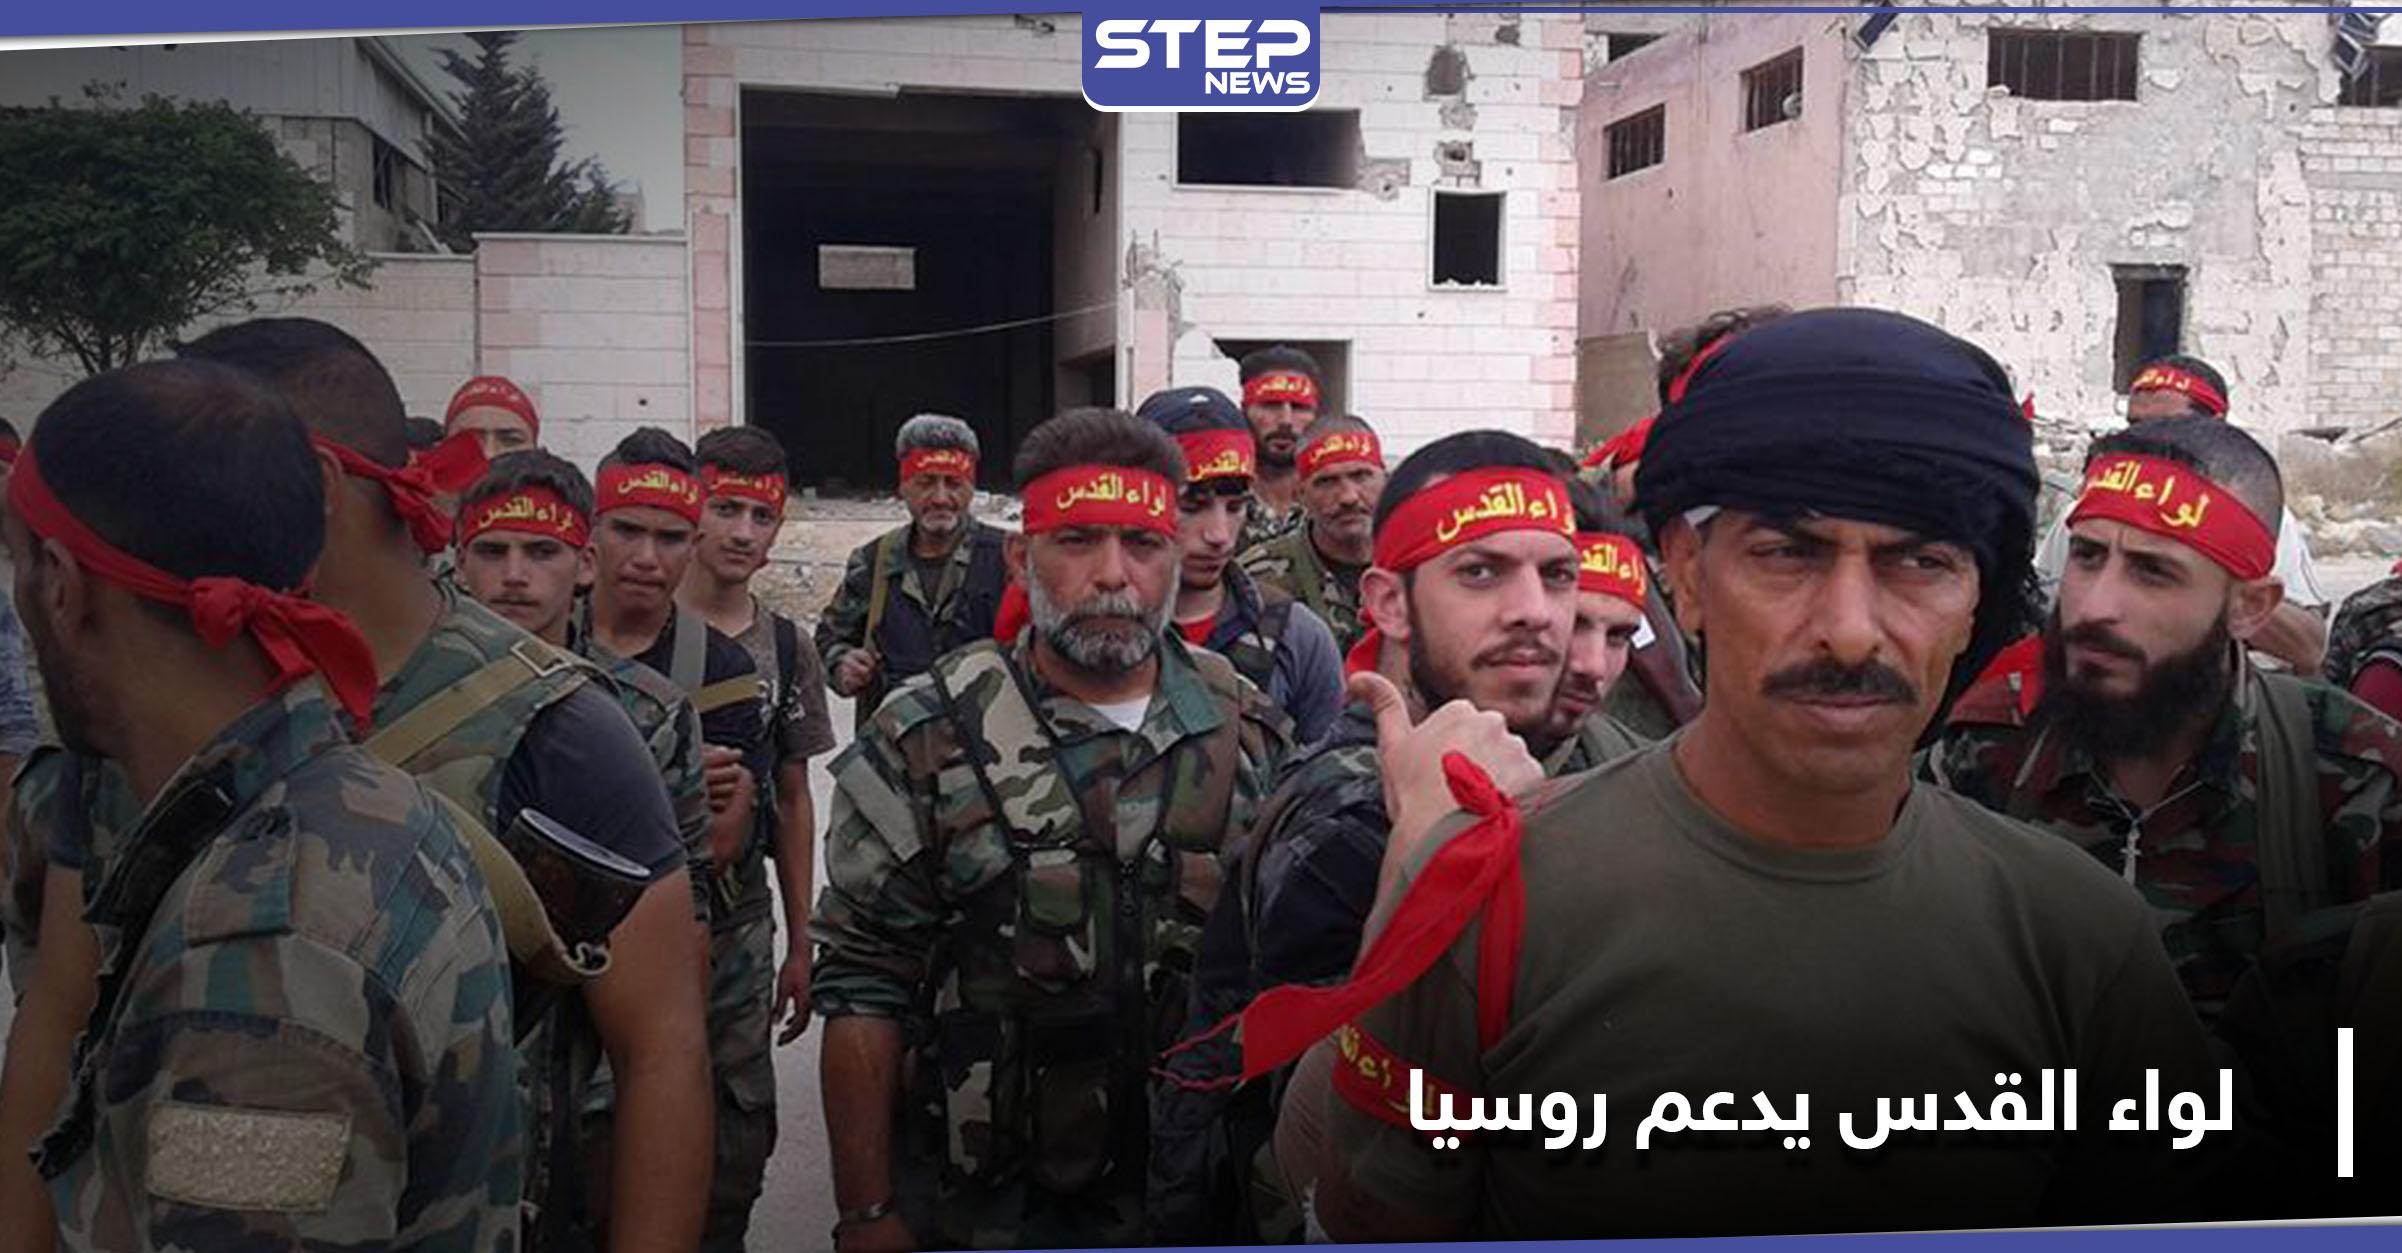 ميليشيا لواء القدس الفلسطينية ترسل تعزيزات ضخمة من حلب